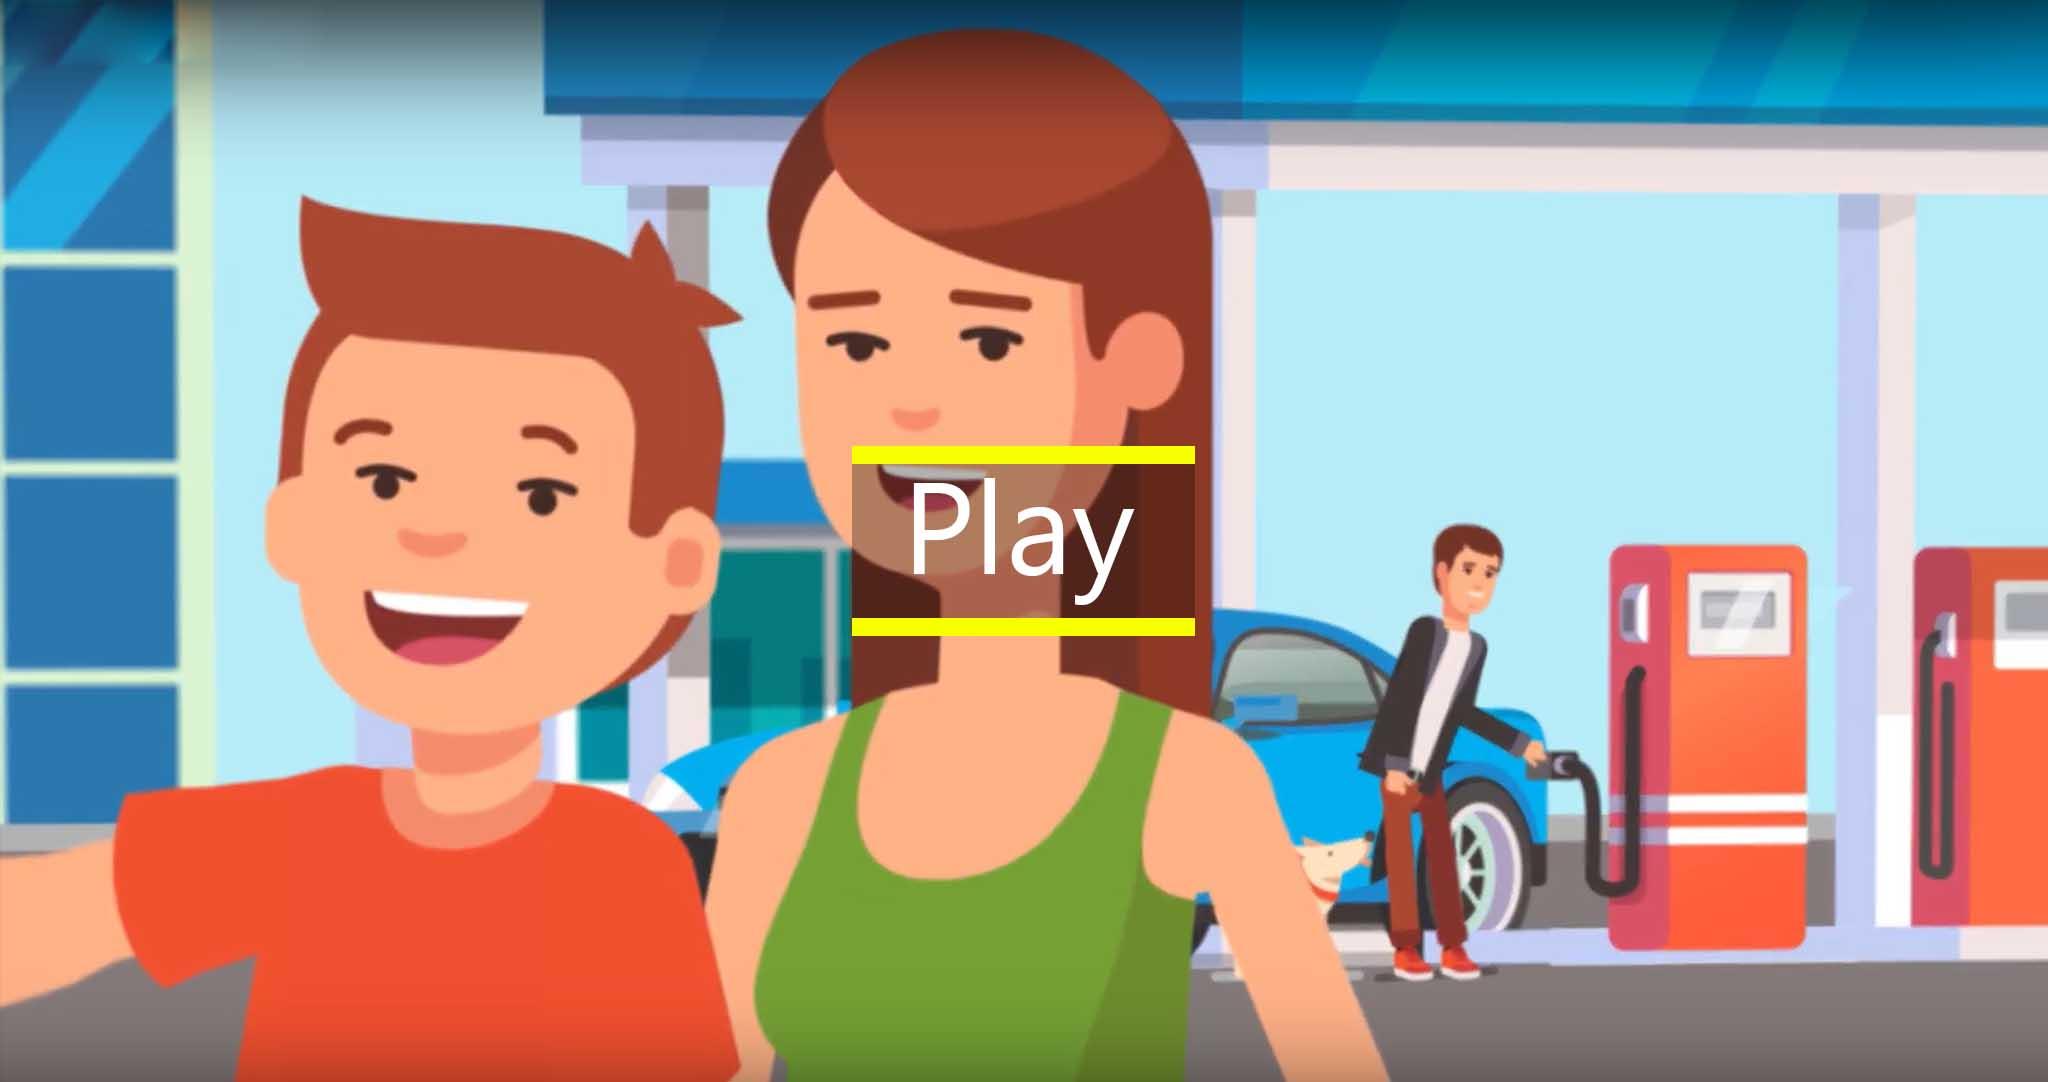 סרטון אנימציה לחברת טביב סימנים הפקות